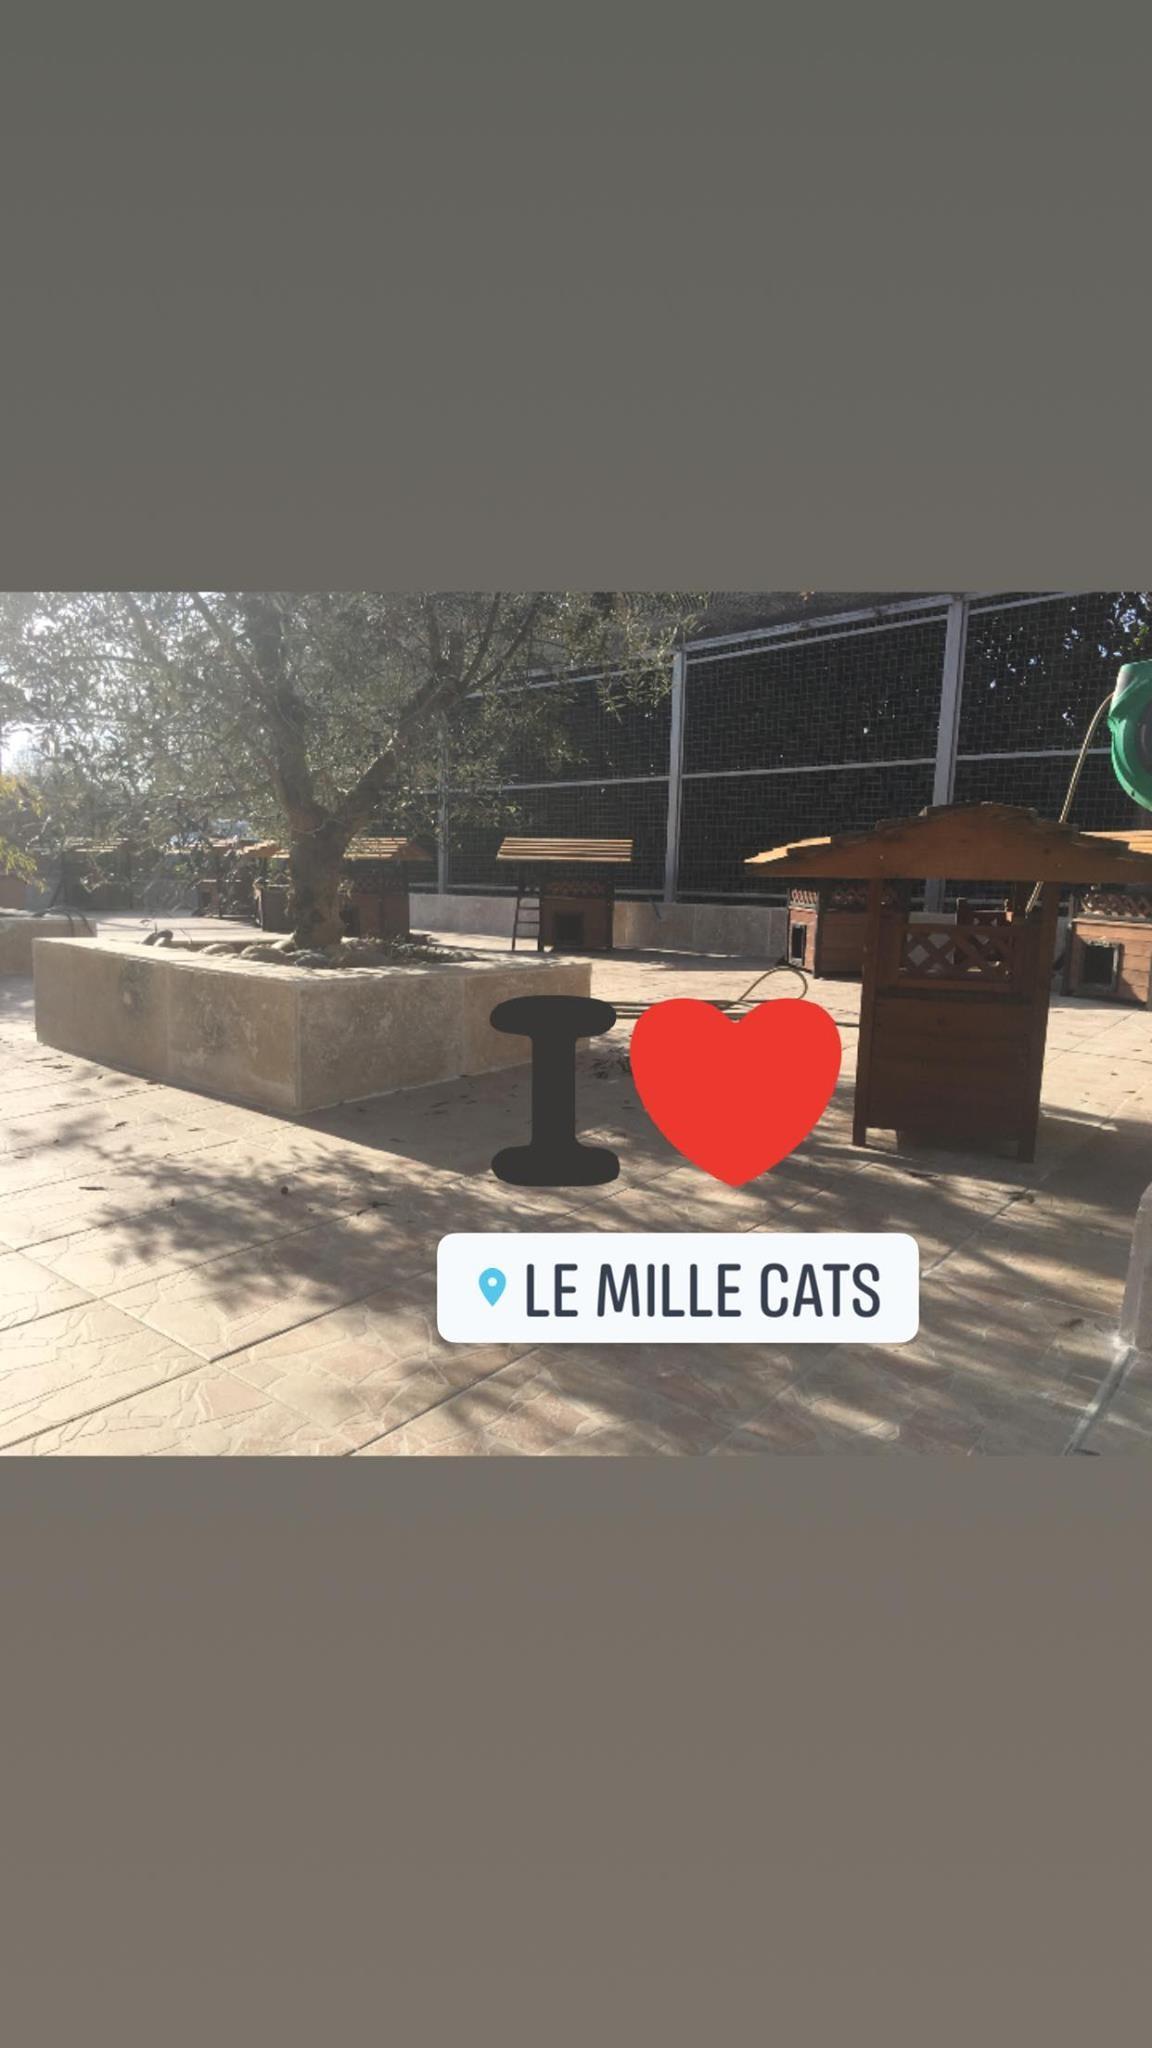 Millecats 2020 2